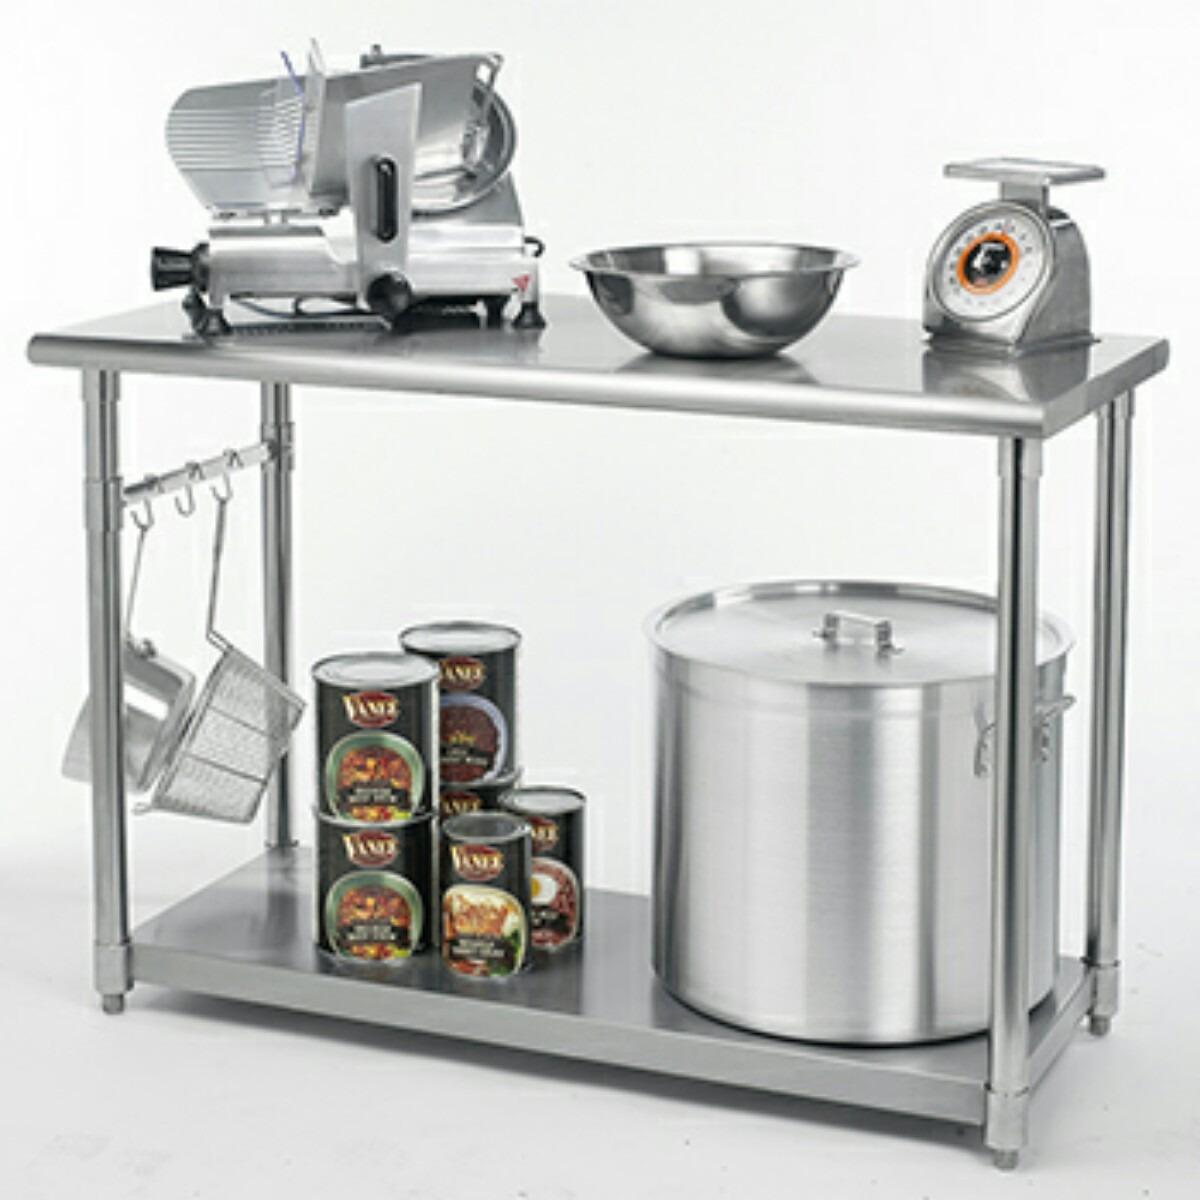 Mesa acero inoxidable mesa de trabajo cocina 3 - Mesa de trabajo cocina ...